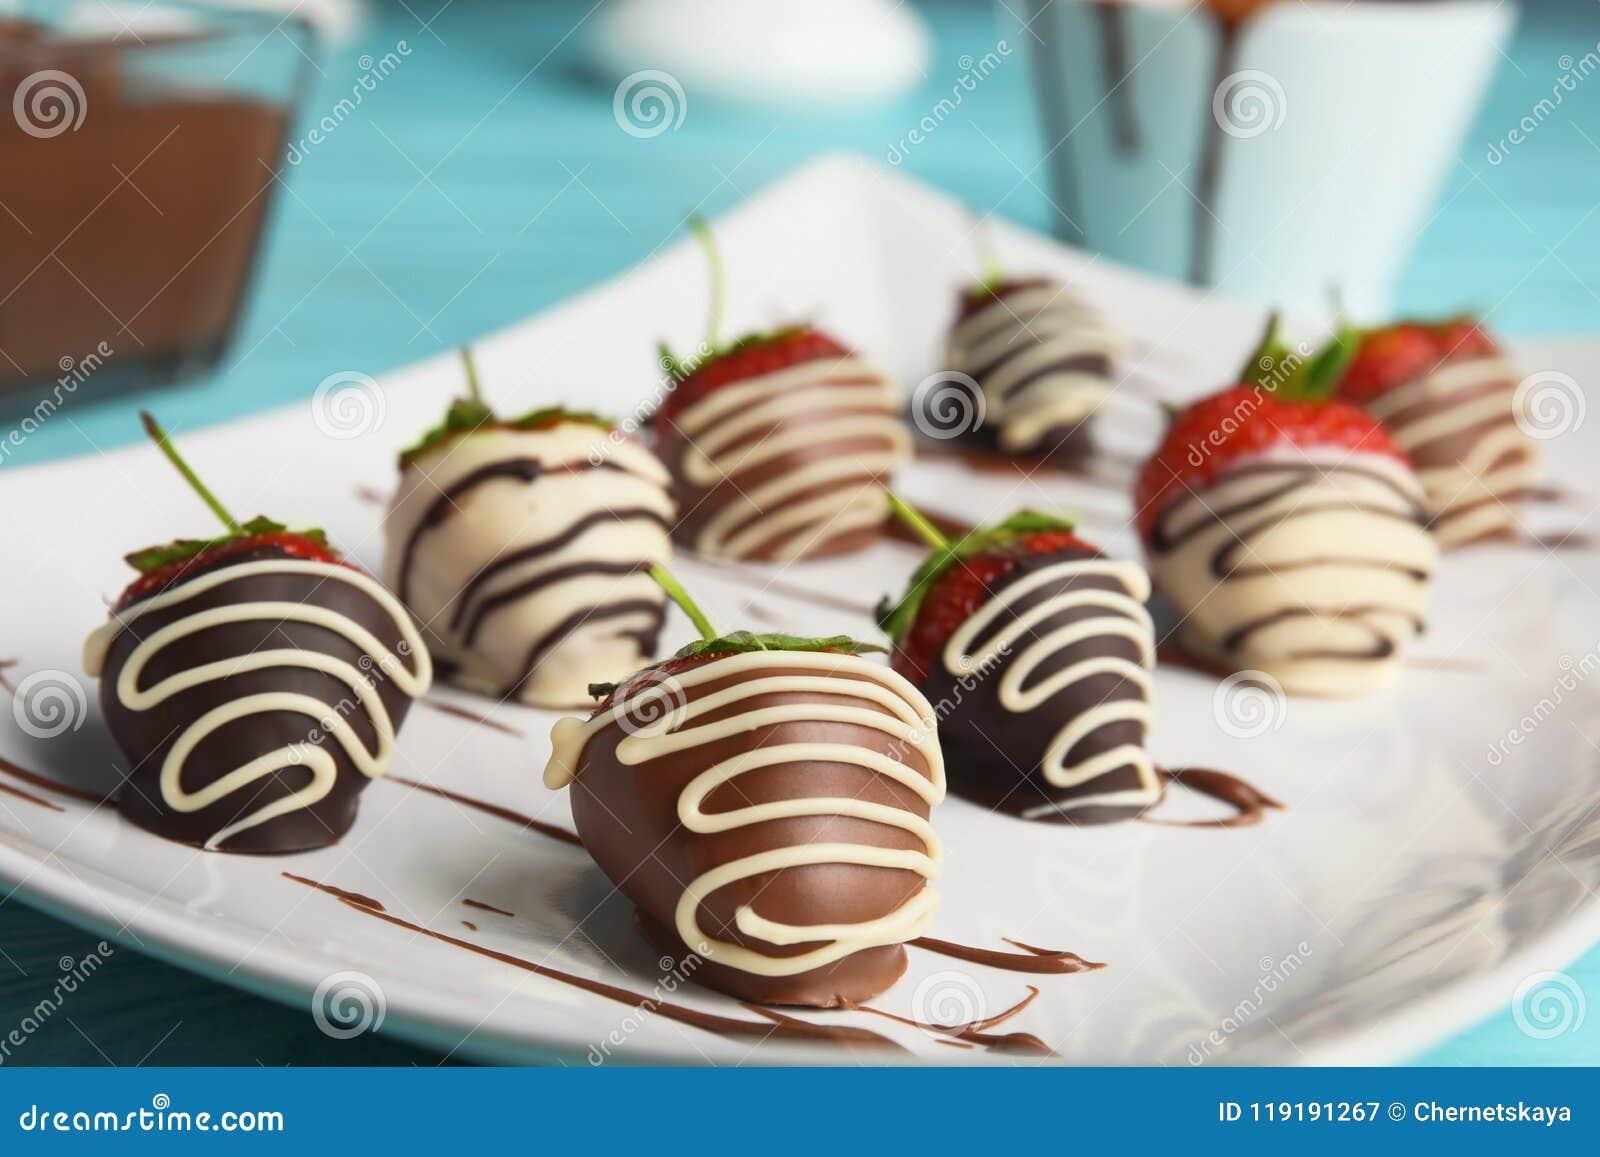 Platta med dolda jordgubbar för choklad